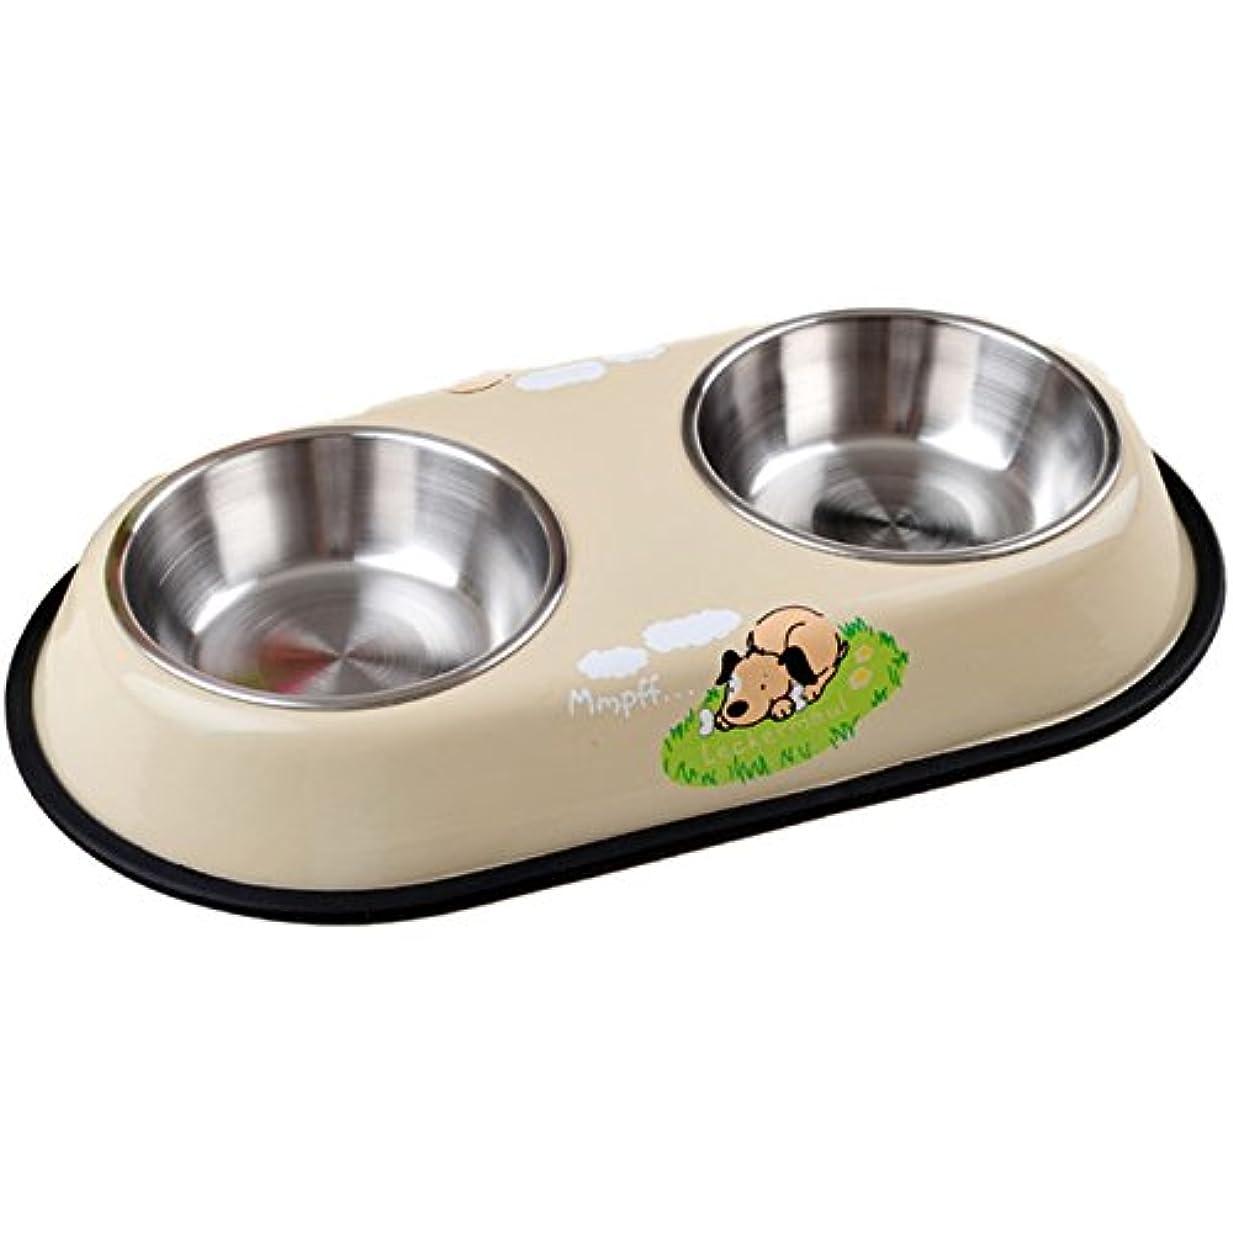 ??????(Dobeans)ワンちゃん食器餌入れ フード ボウル犬猫用食器餌やり水やり用品スタンド付きステンレス製 (ベージュ)